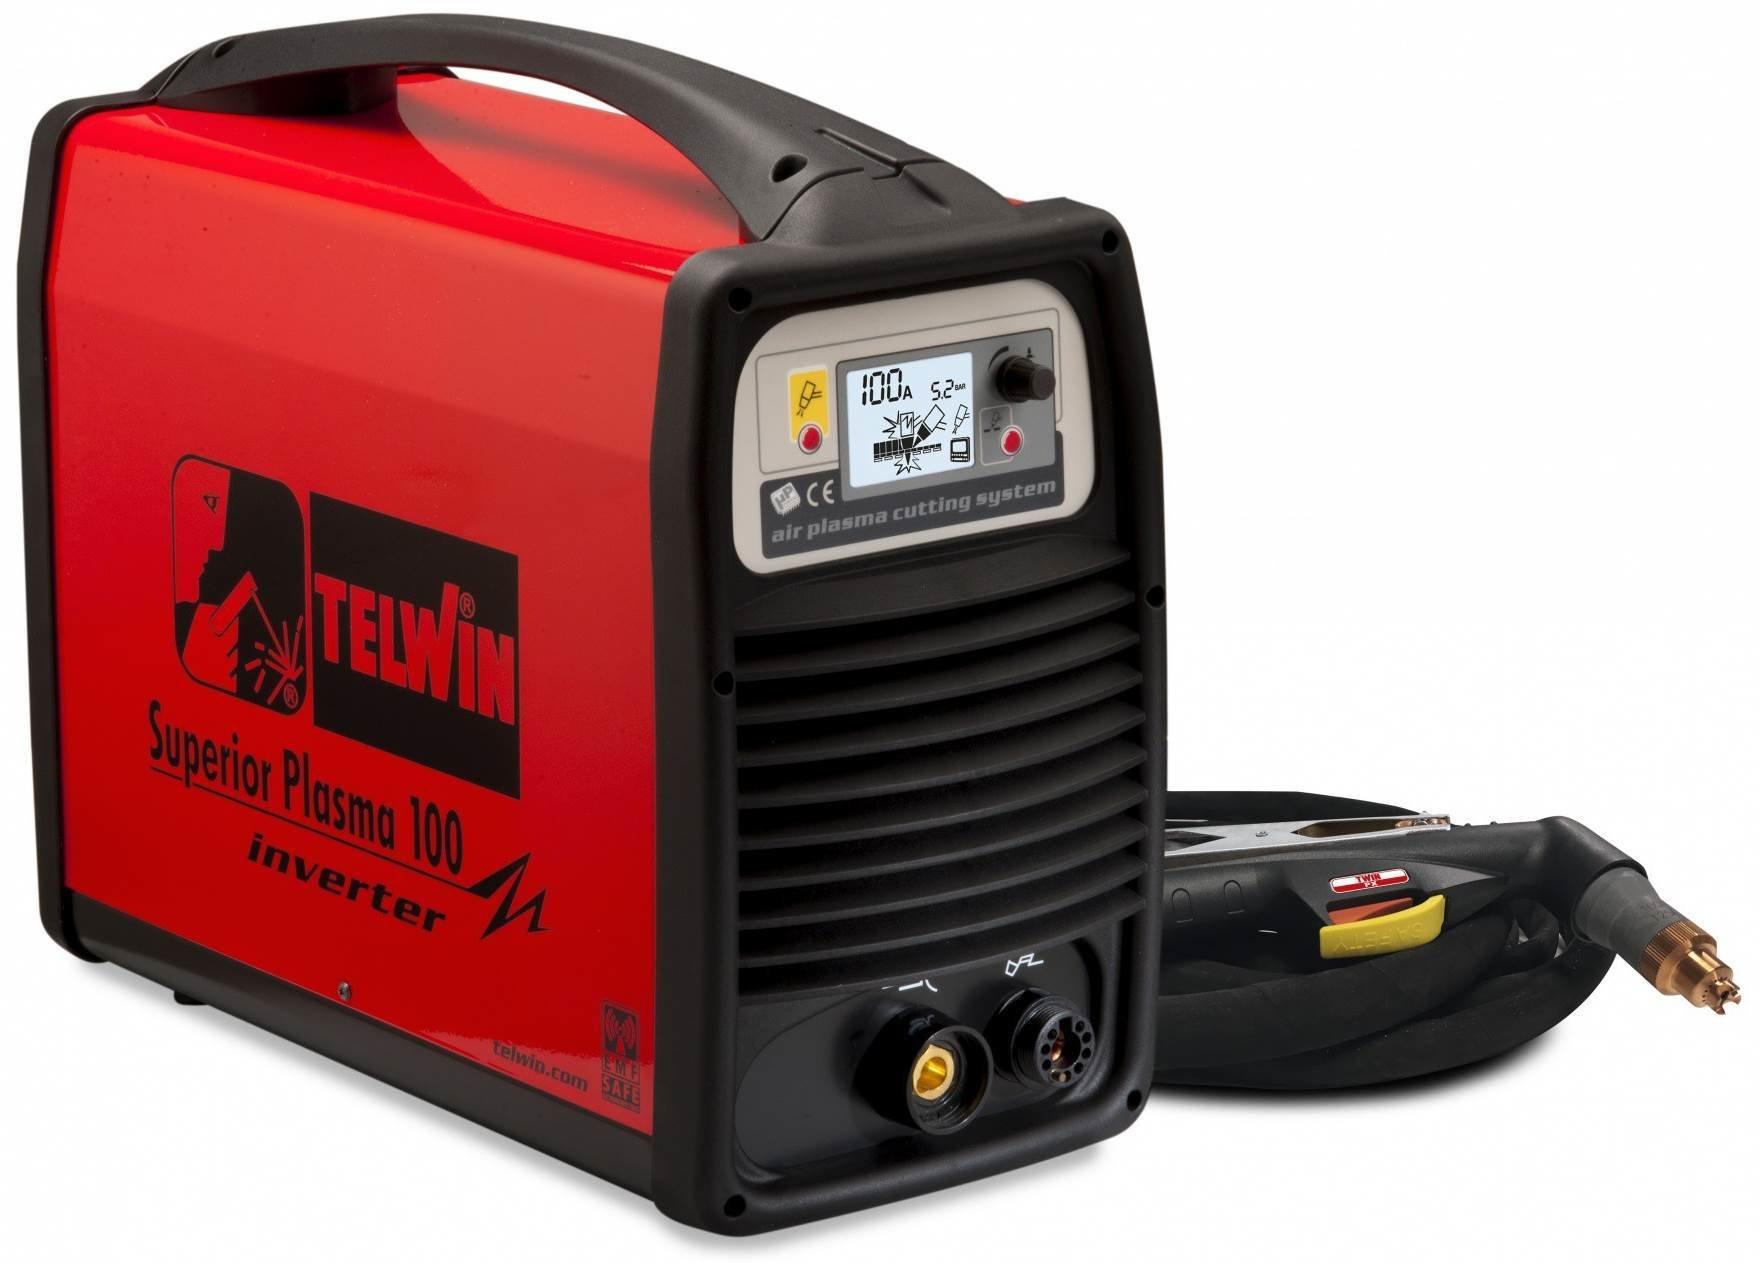 Аппарат плазменной резки SUPERIOR PLASMA 100 816172